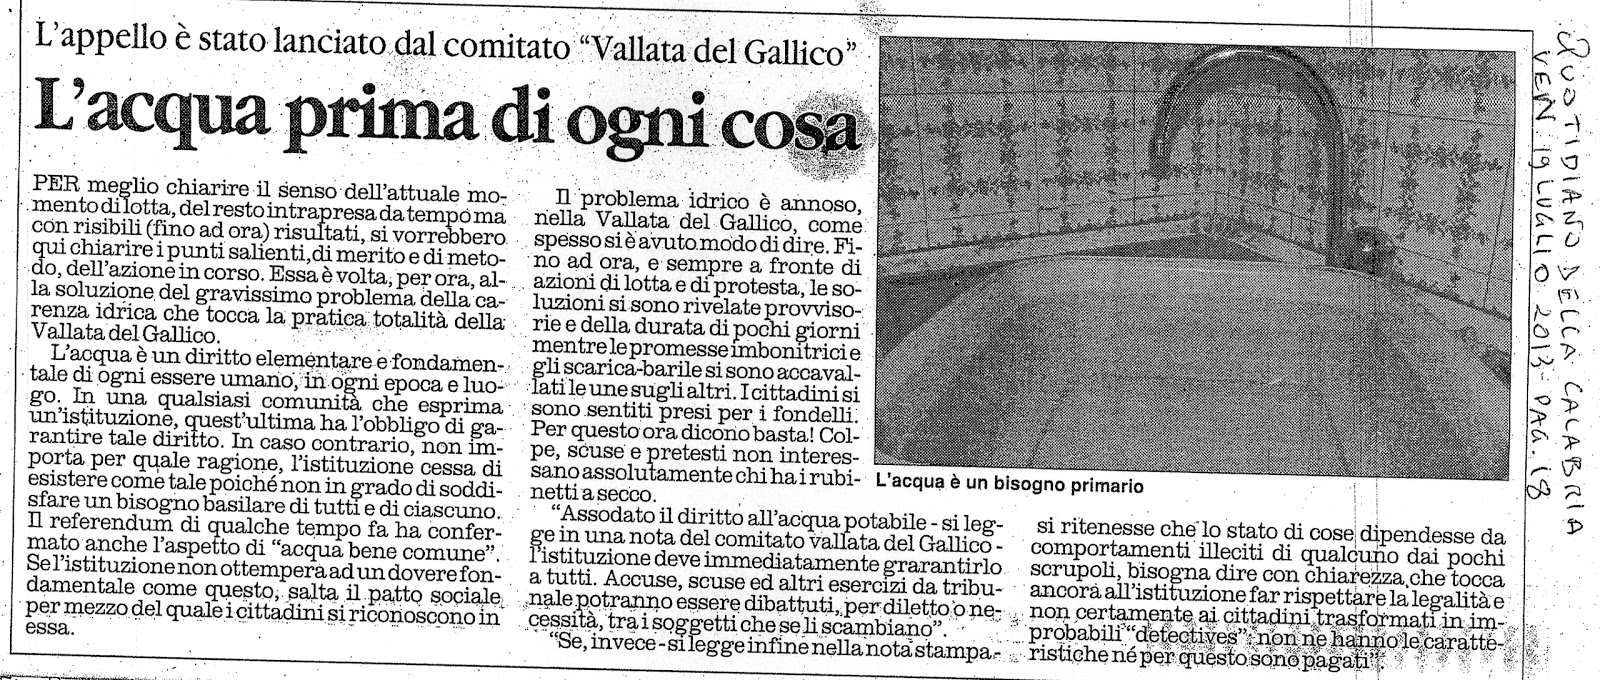 Articolo Quotidiano della Calabria del 19.07.2013 - pag.18